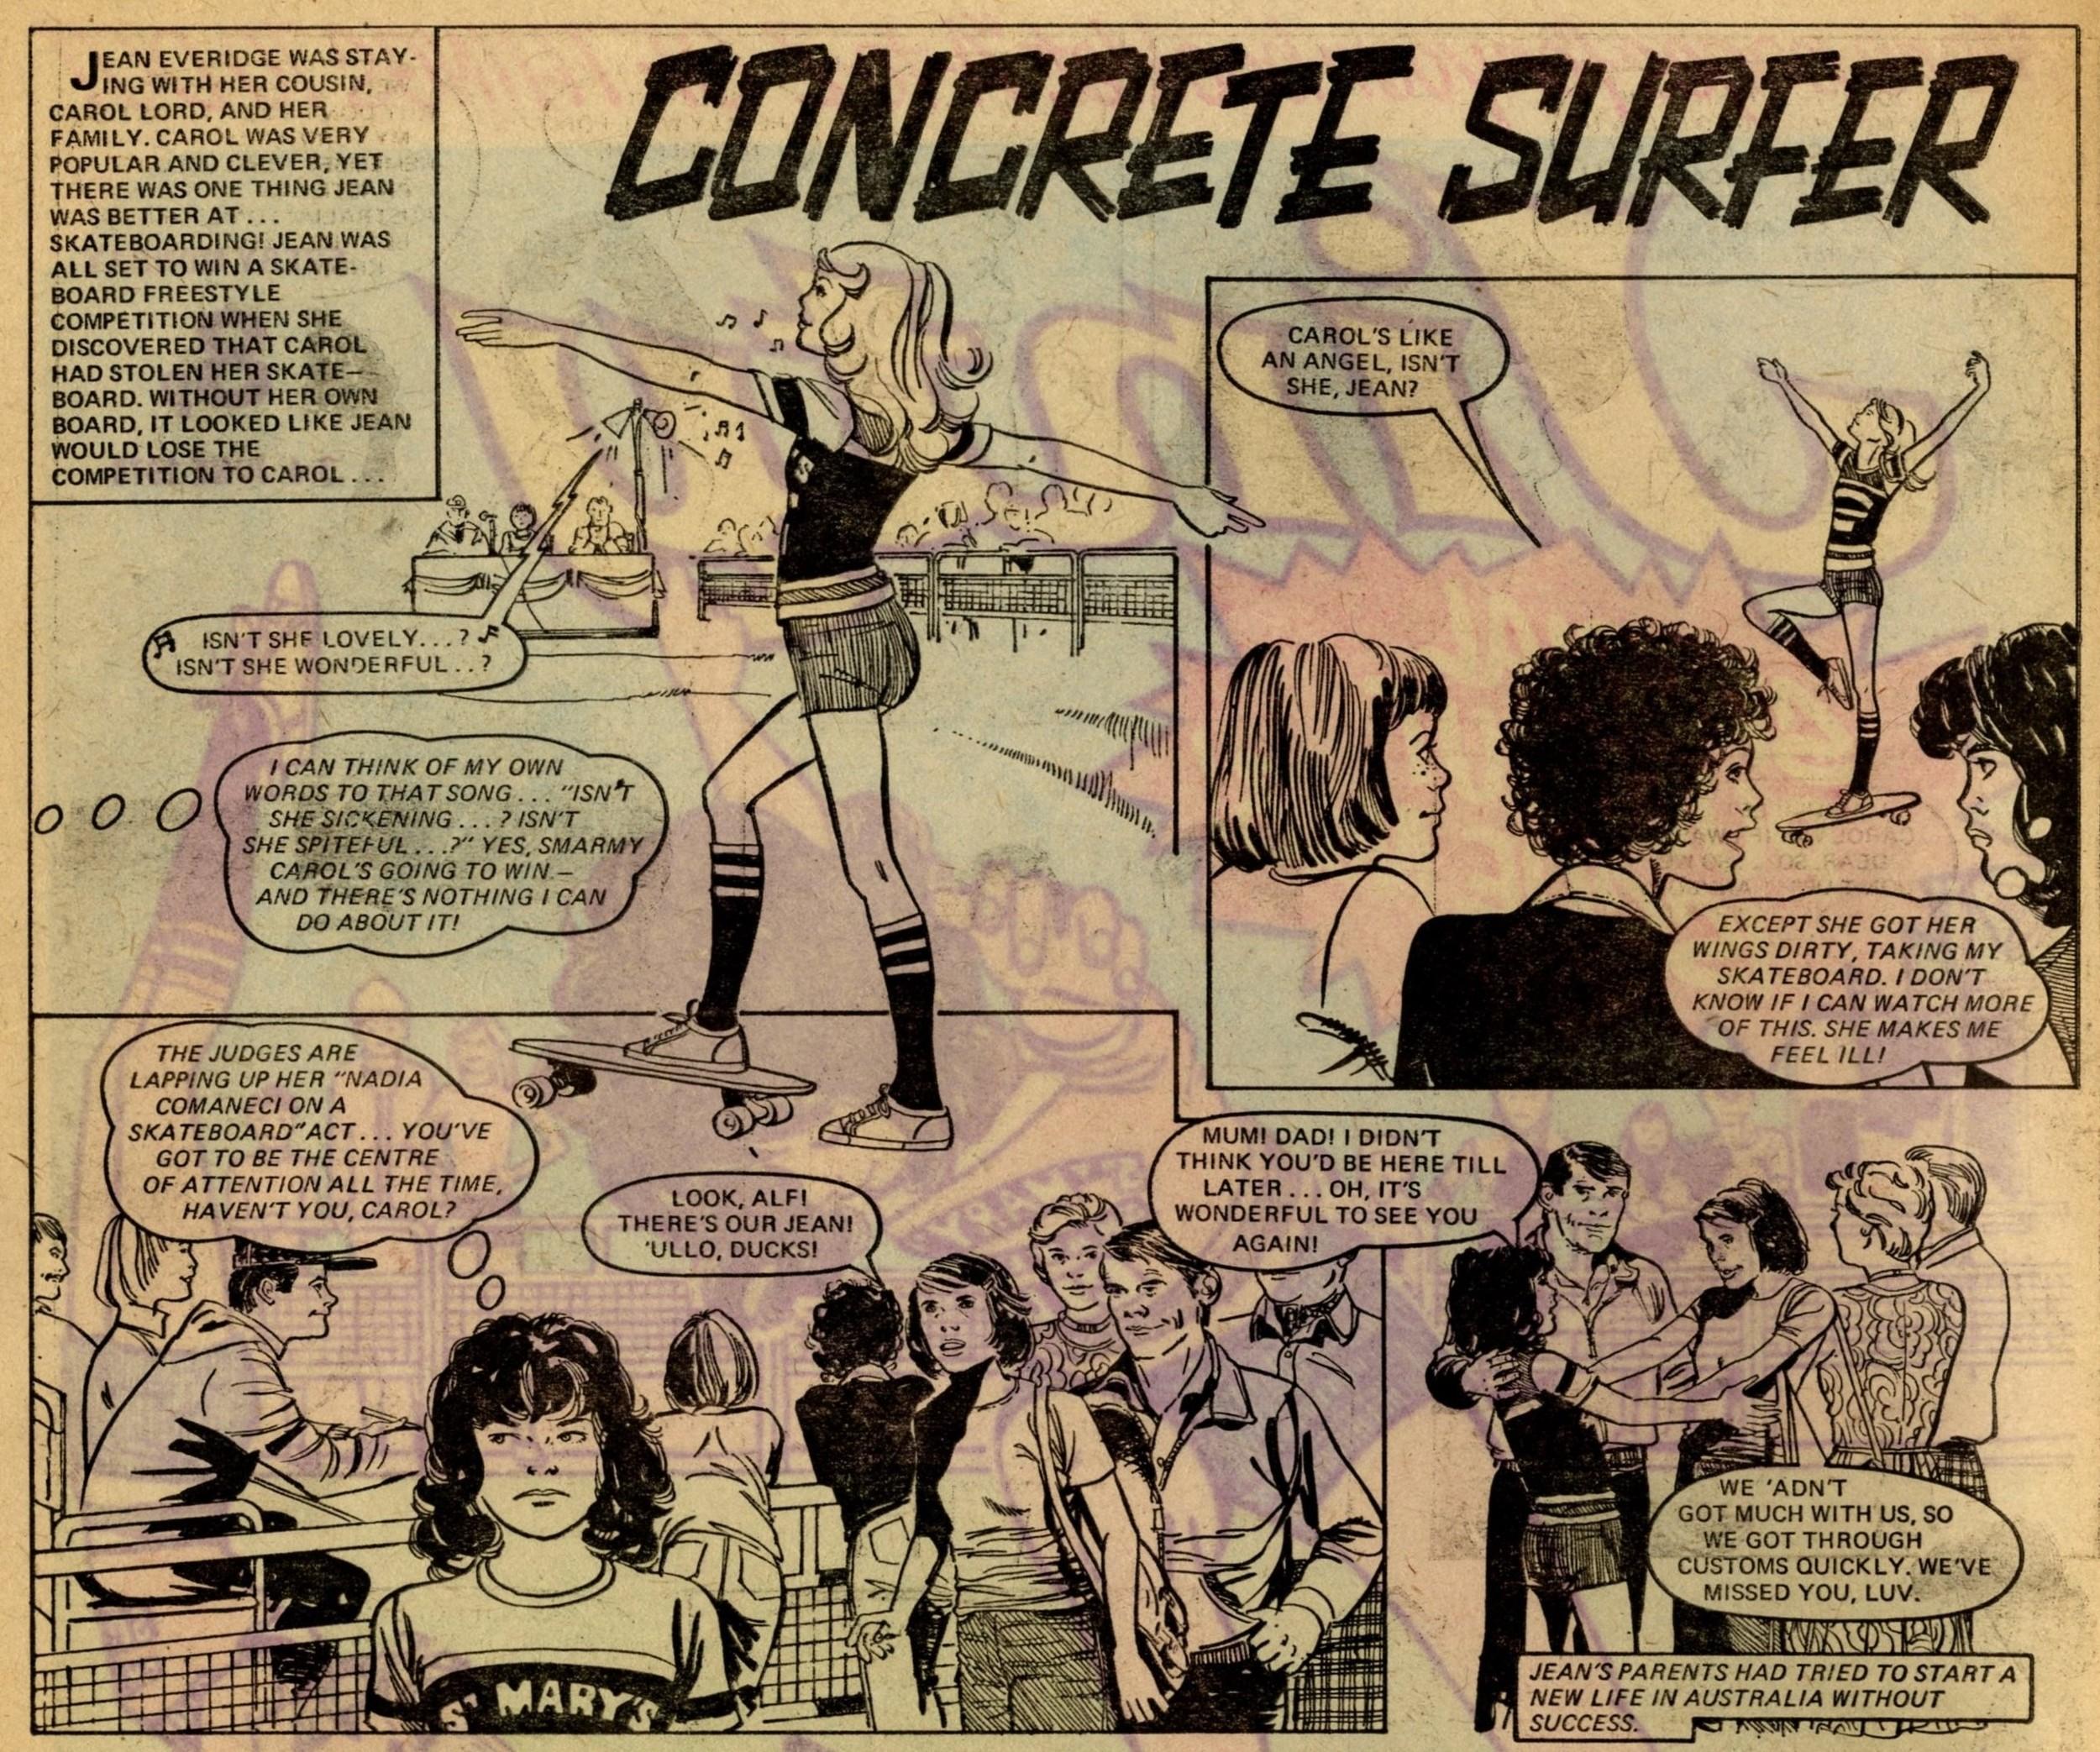 Concrete Surfer: Pat Mills (writer), artist unknown